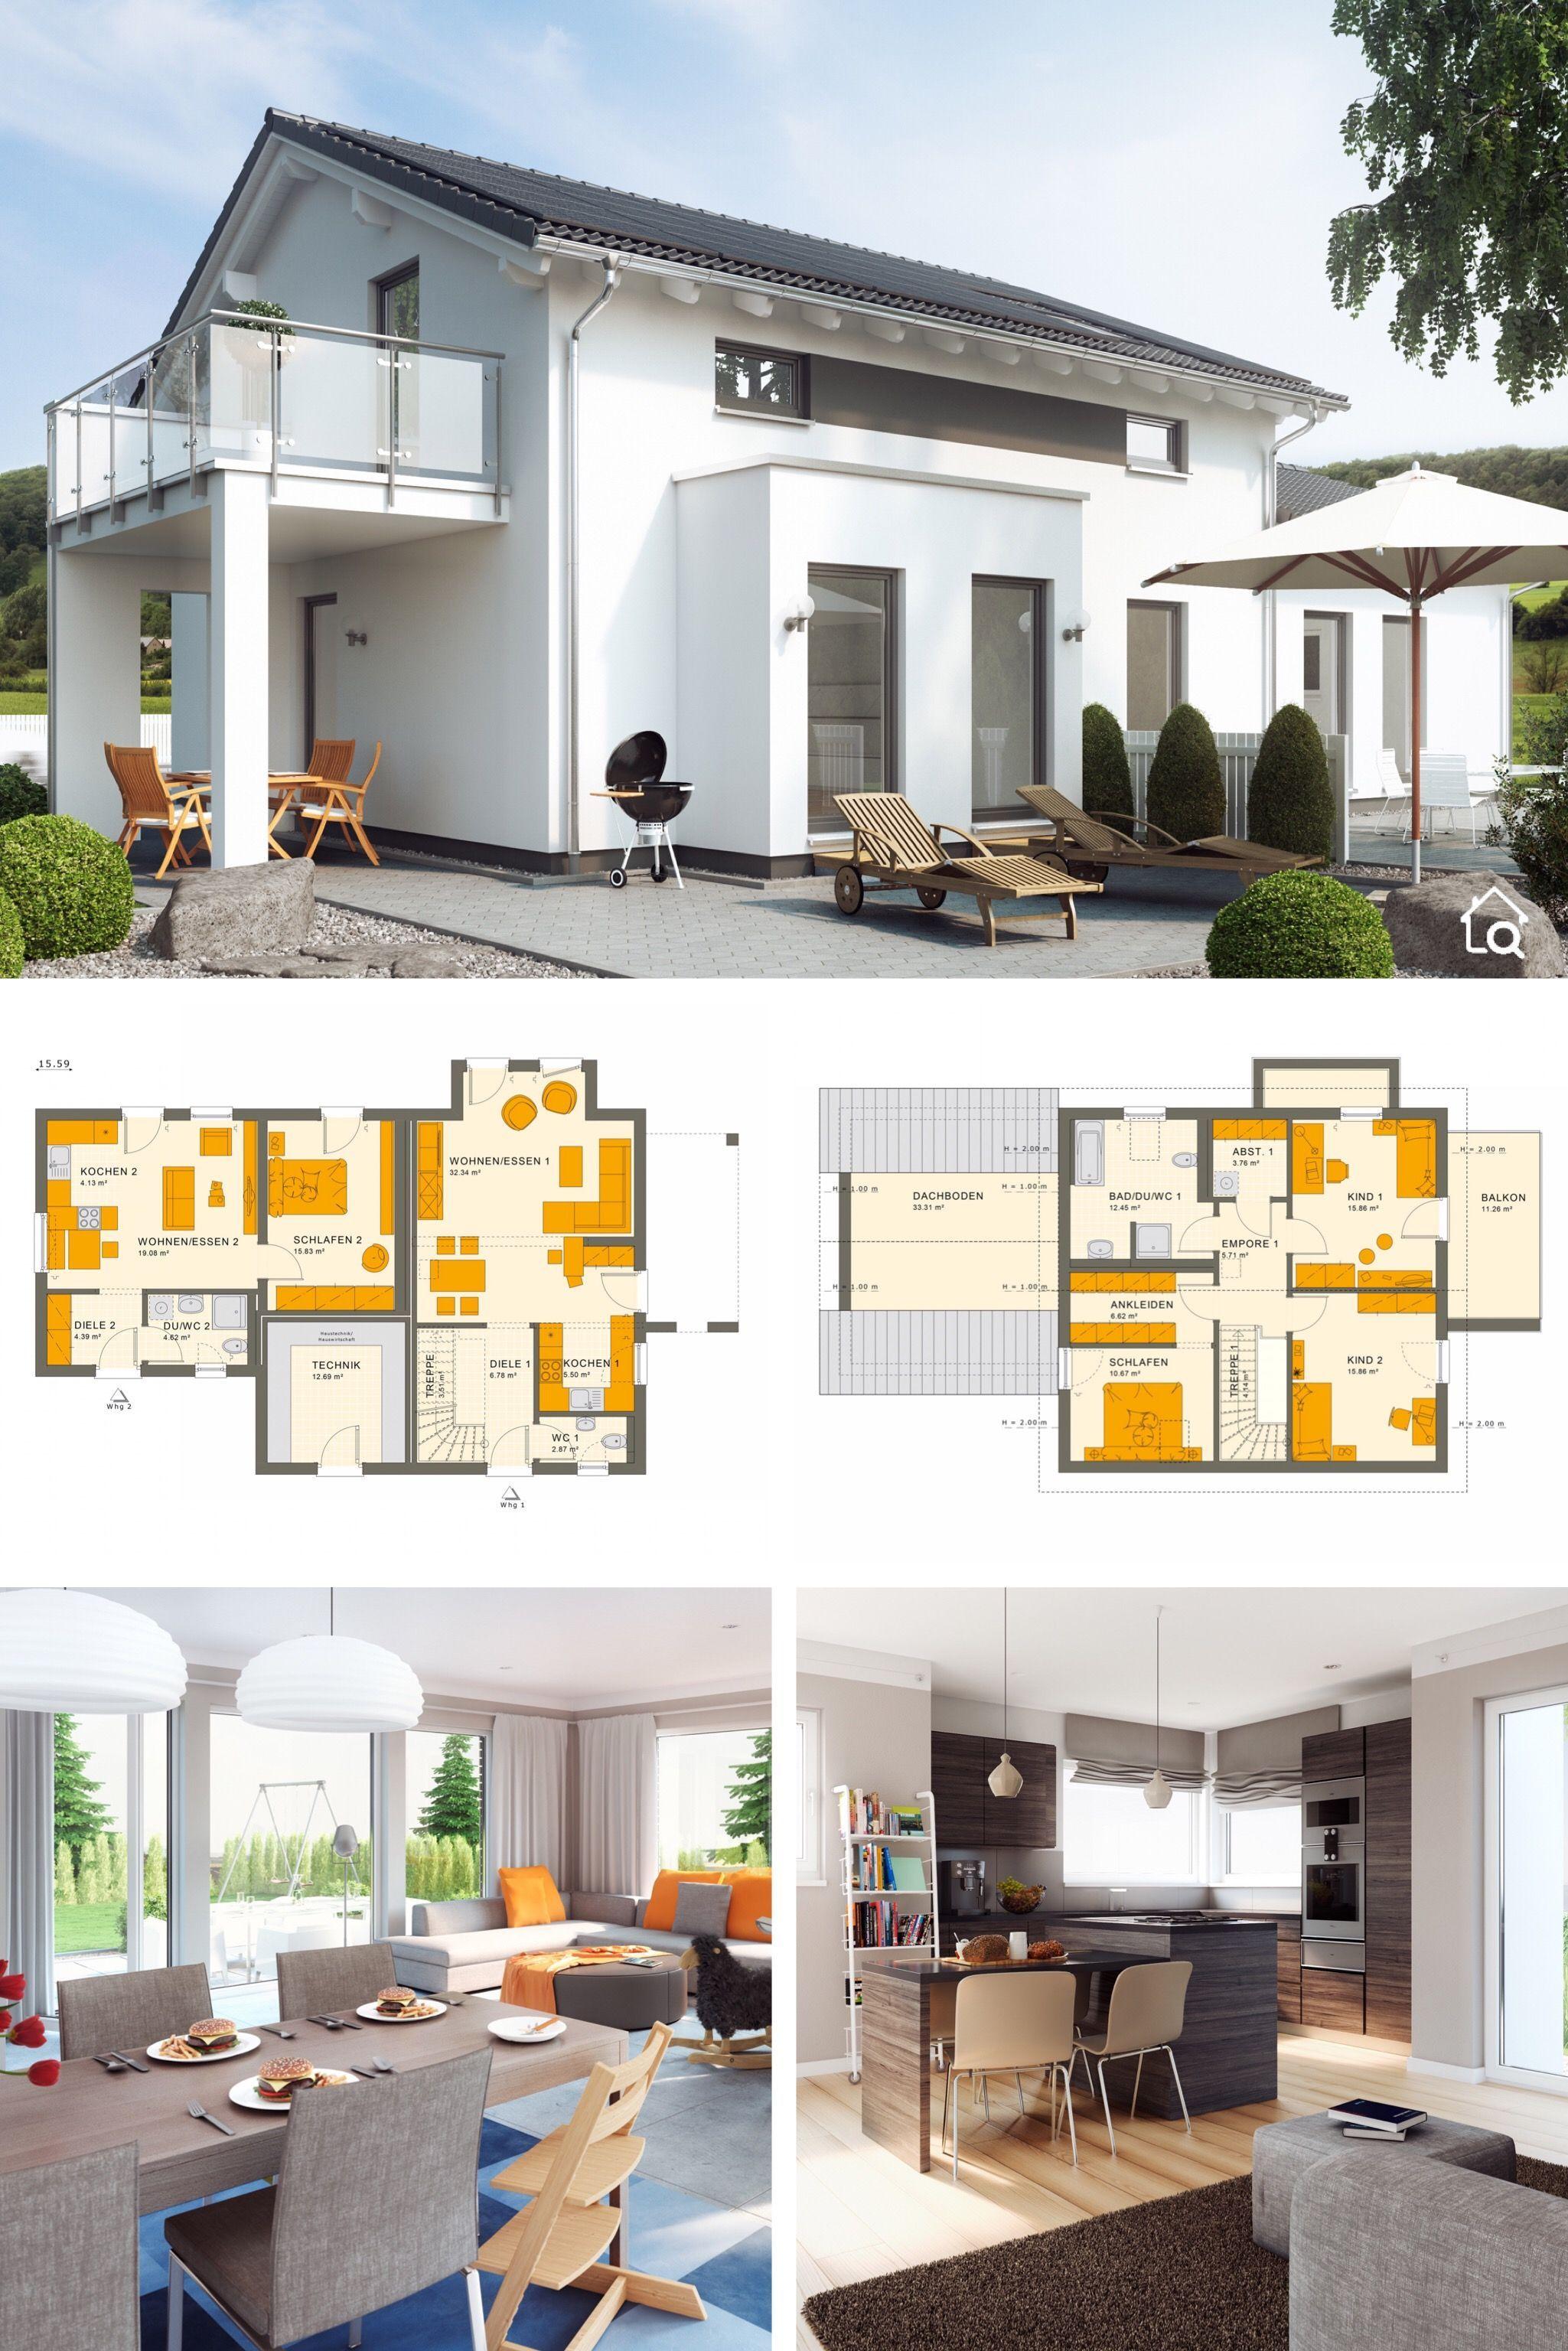 Modernes Haus Mit Einliegerwohnung Im Erdgeschoss Anbau